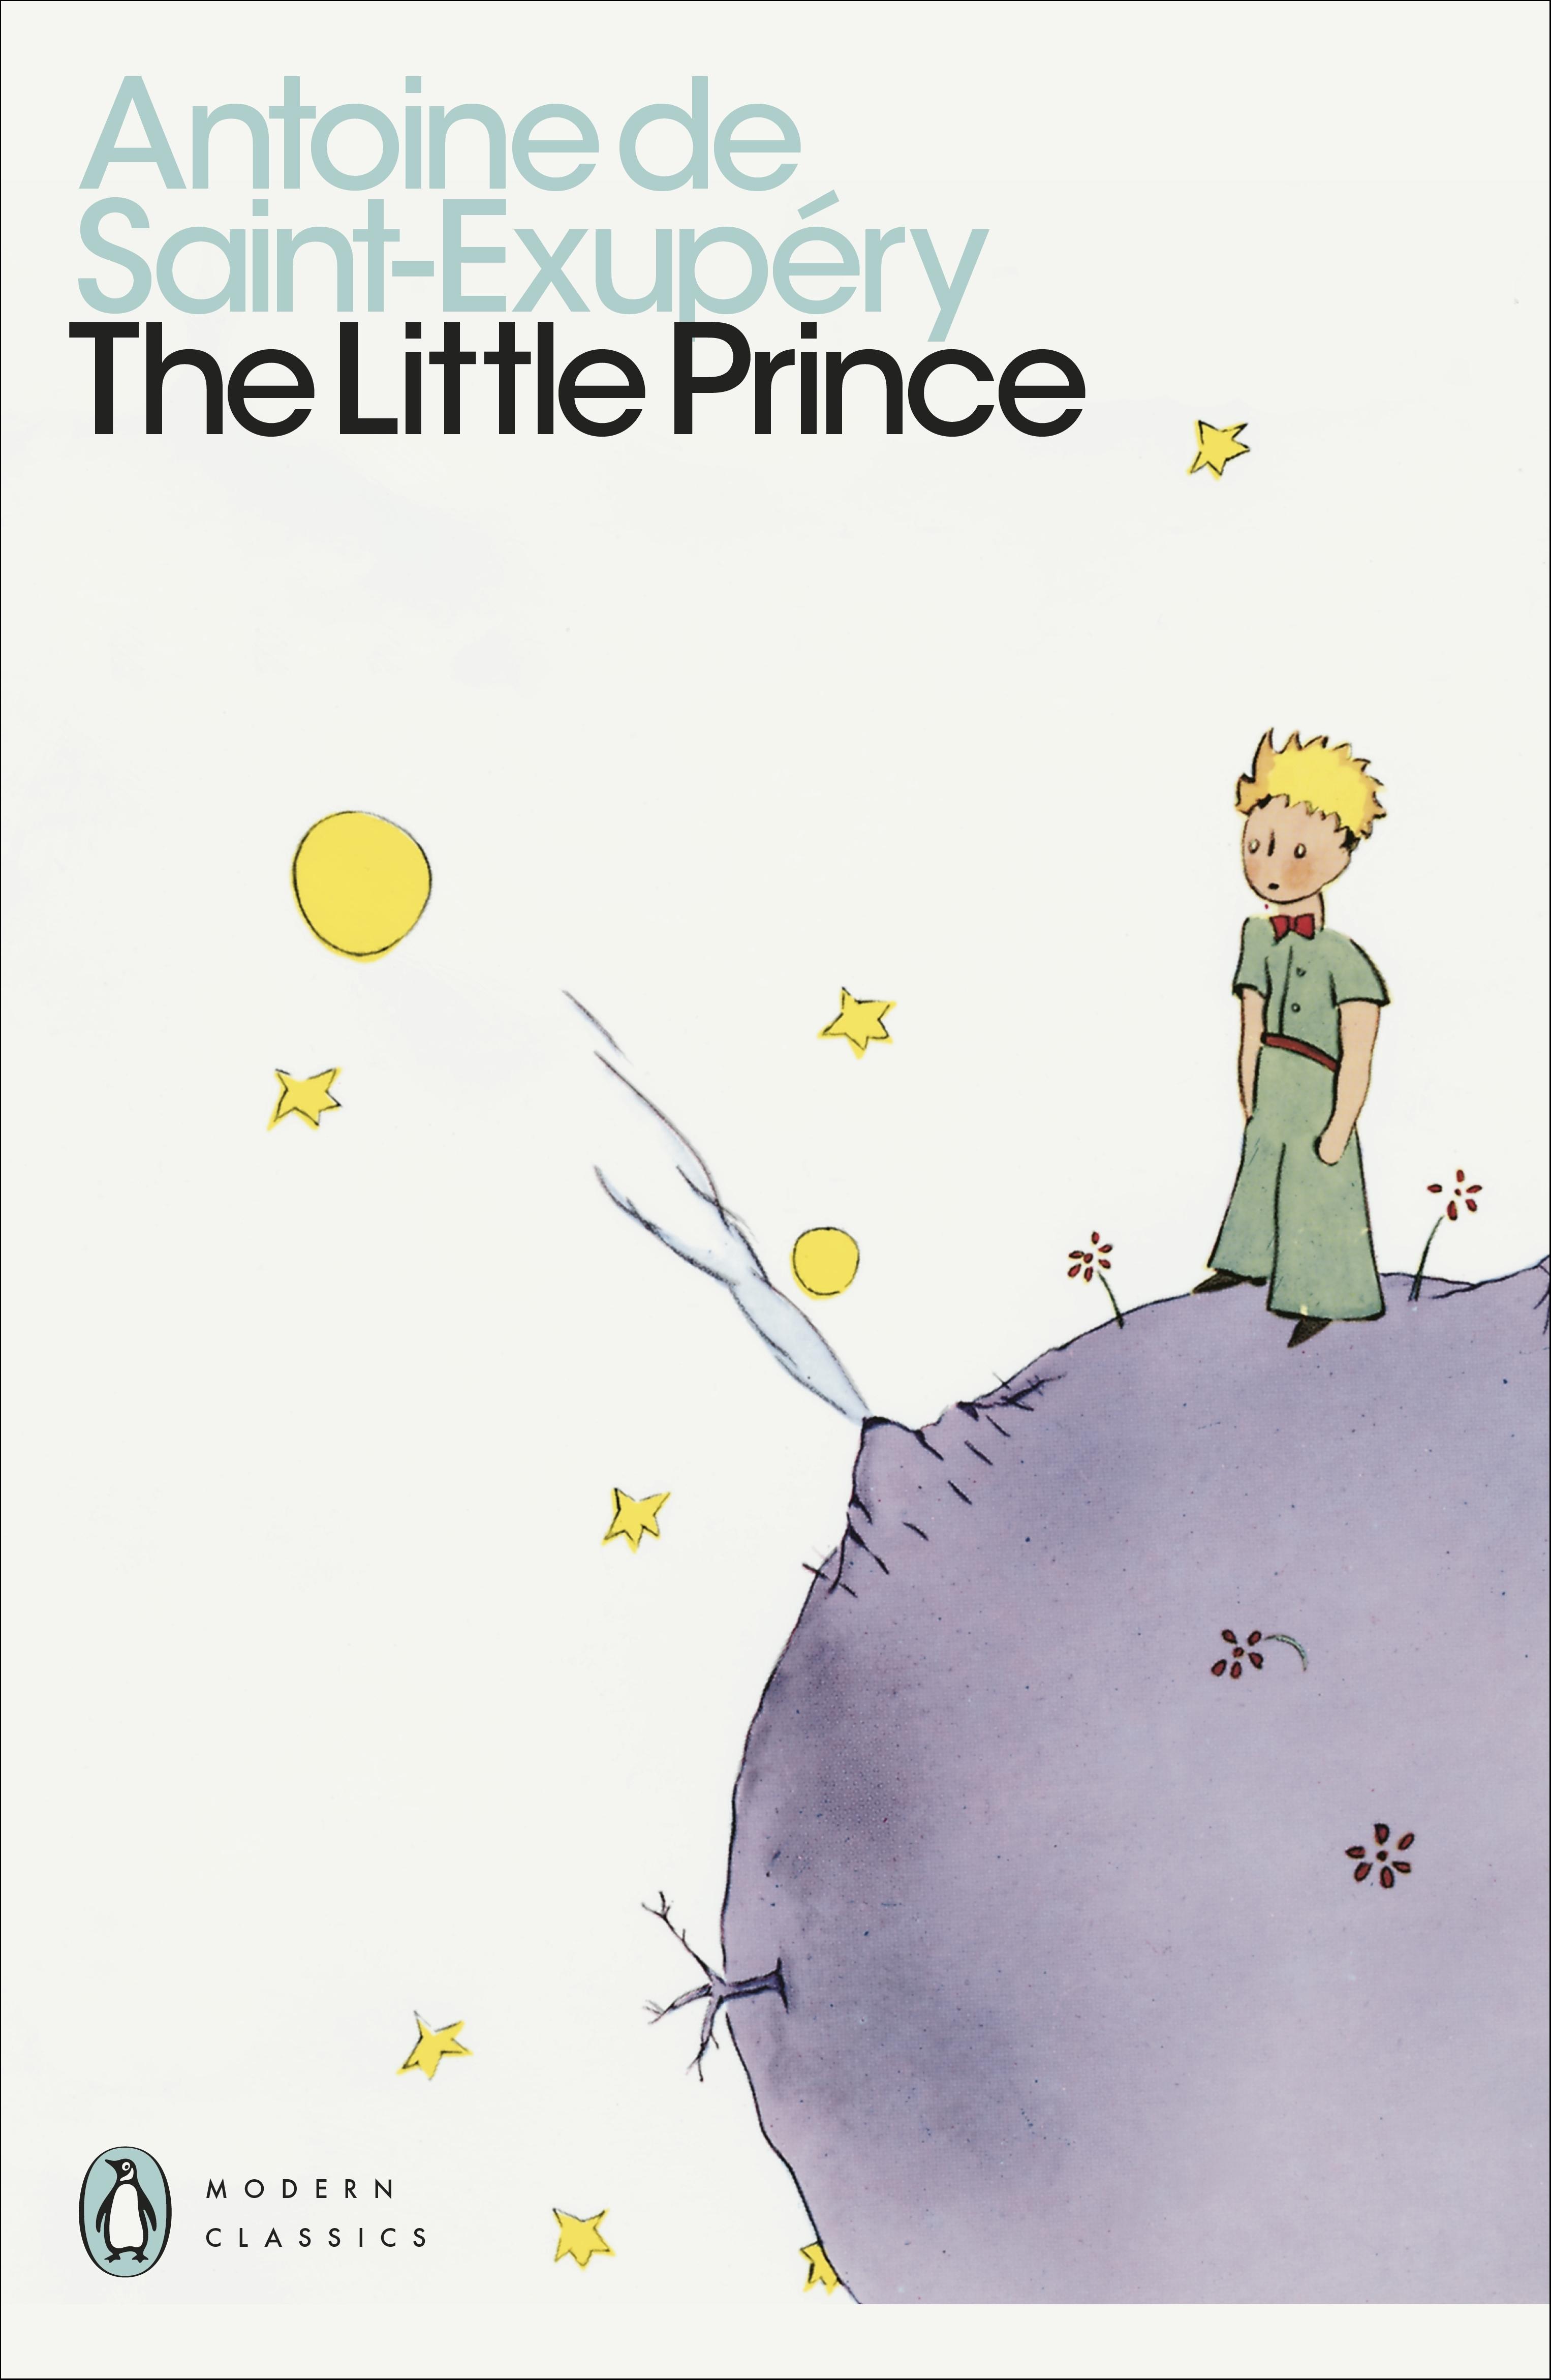 Le Petit Prince St Alban : petit, prince, alban, Little, Prince, Antoine, Saint-Exupéry, Penguin, Books, Australia